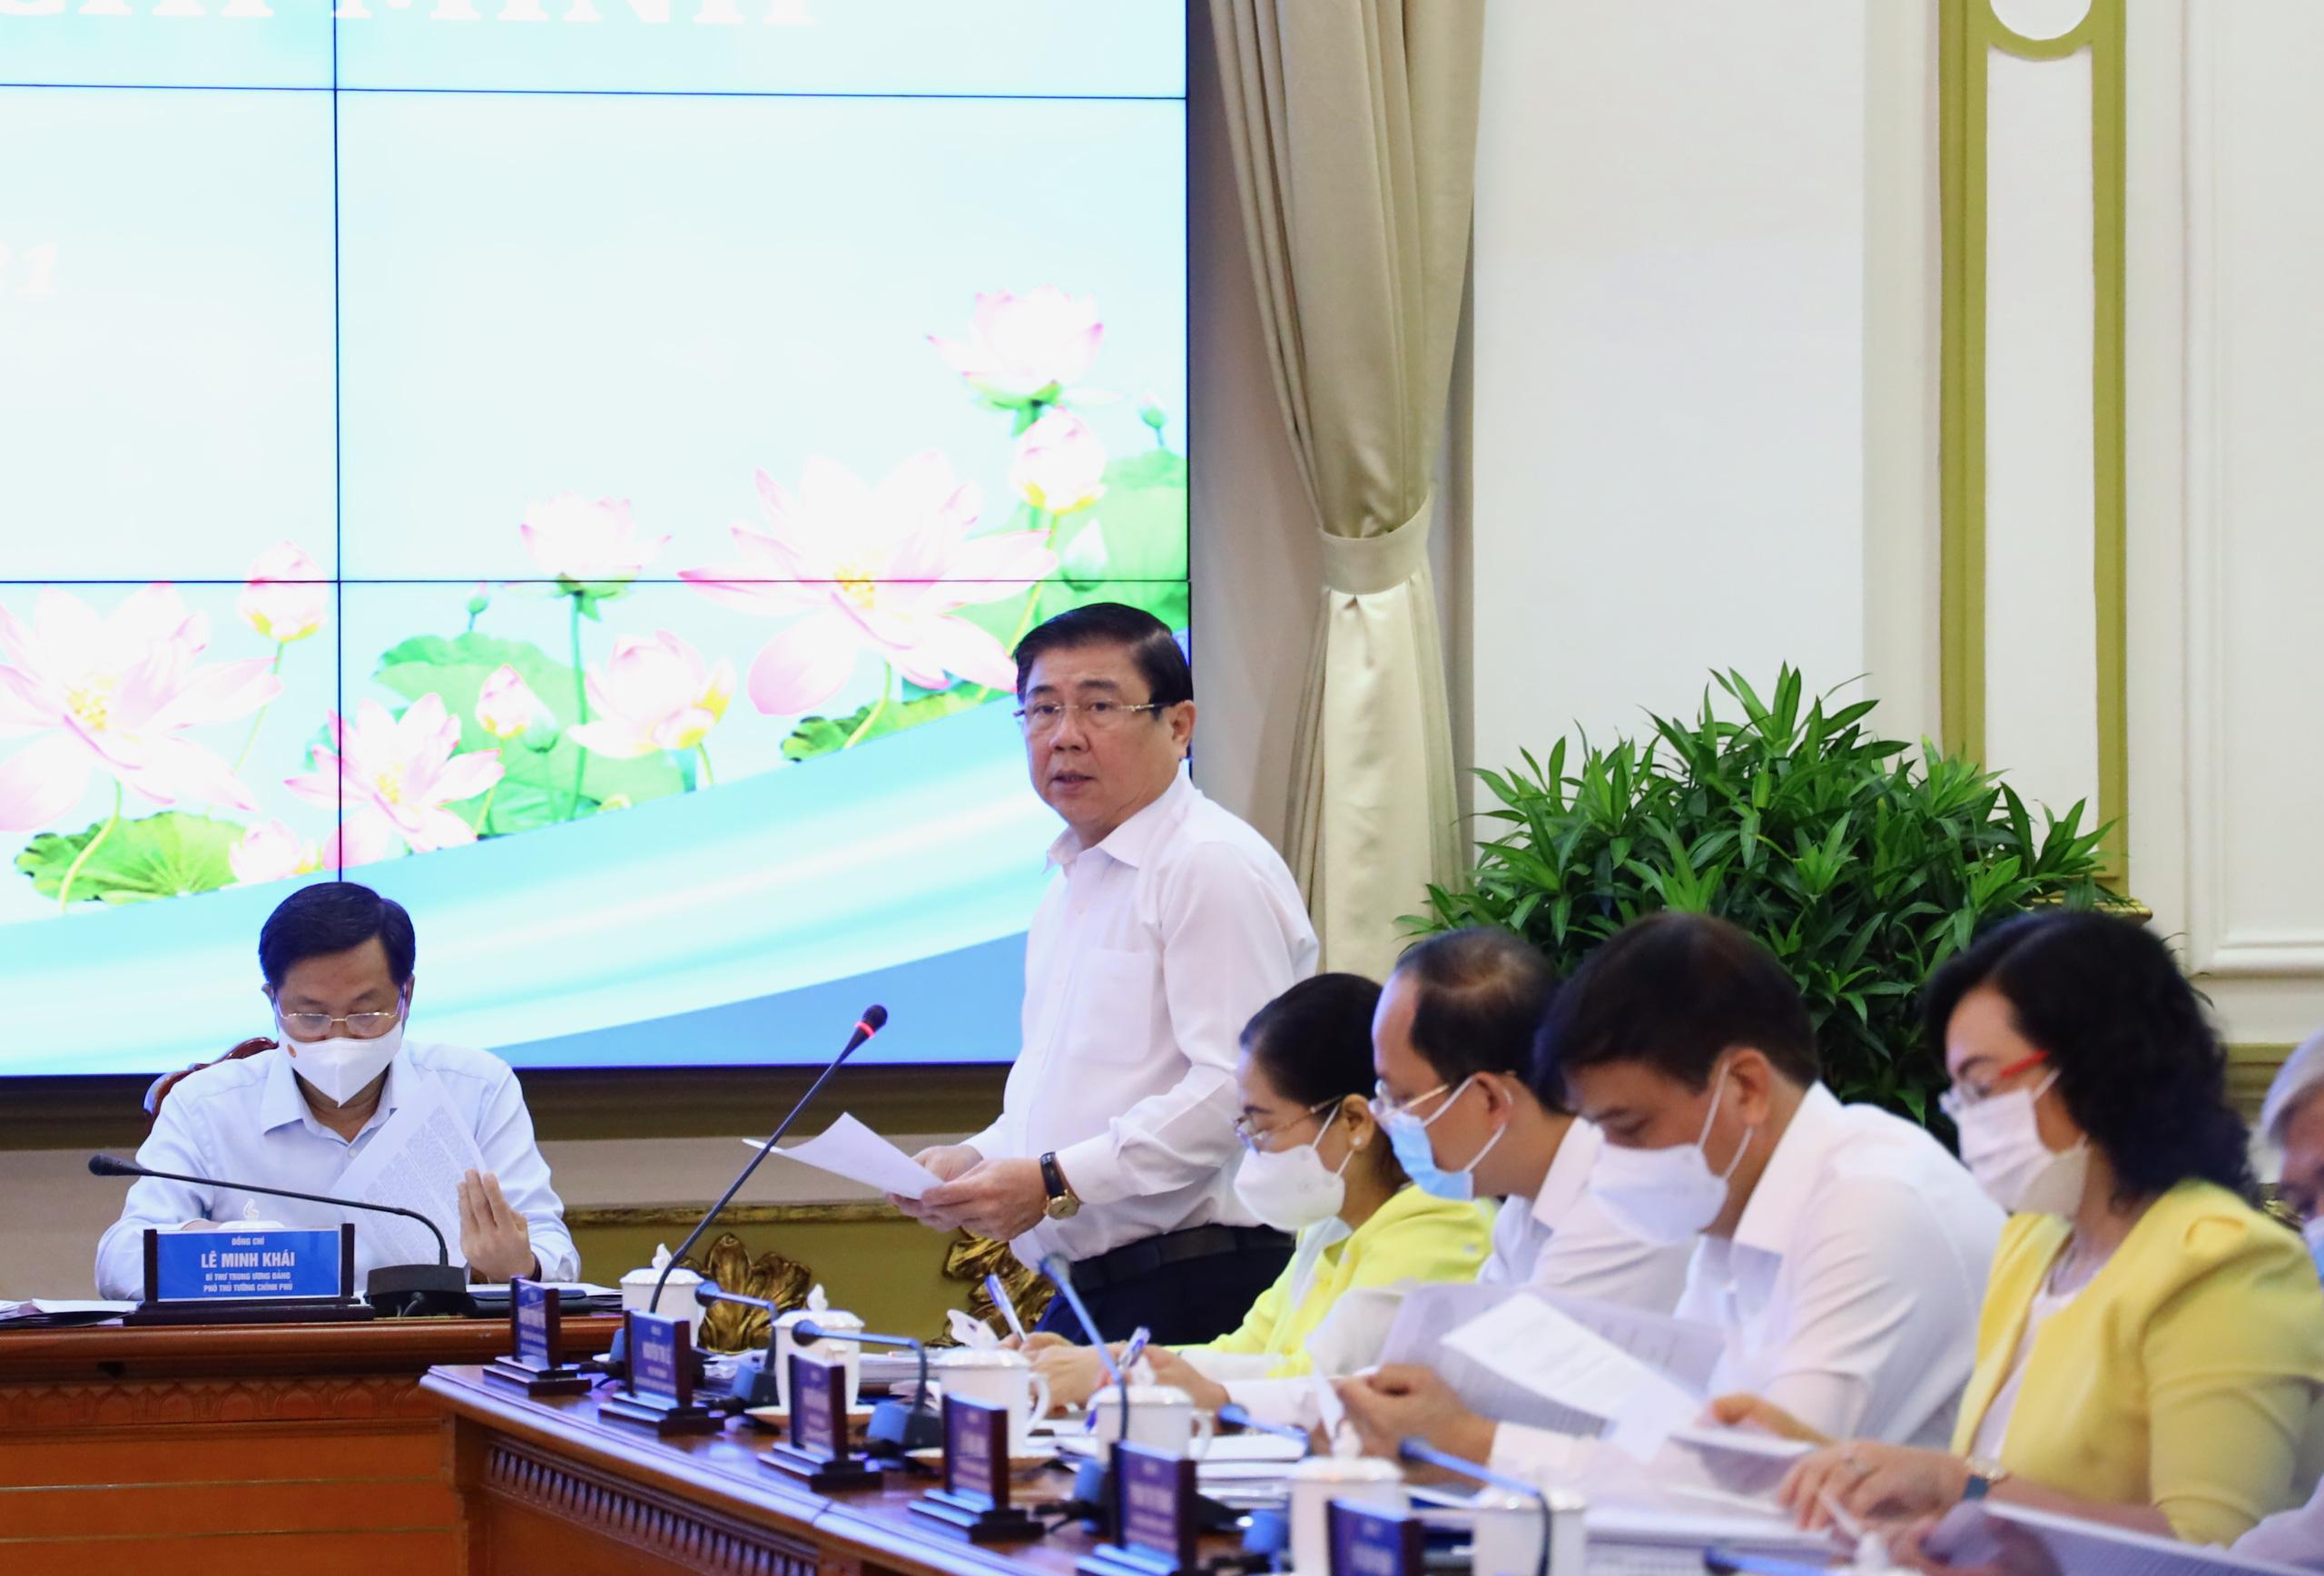 """Làm việc với Thủ tướng Chính phủ, Chủ tịch UBND TP.HCM nói: """"Thành phố đang đối mặt với rất nhiều thách thức"""" - Ảnh 3."""